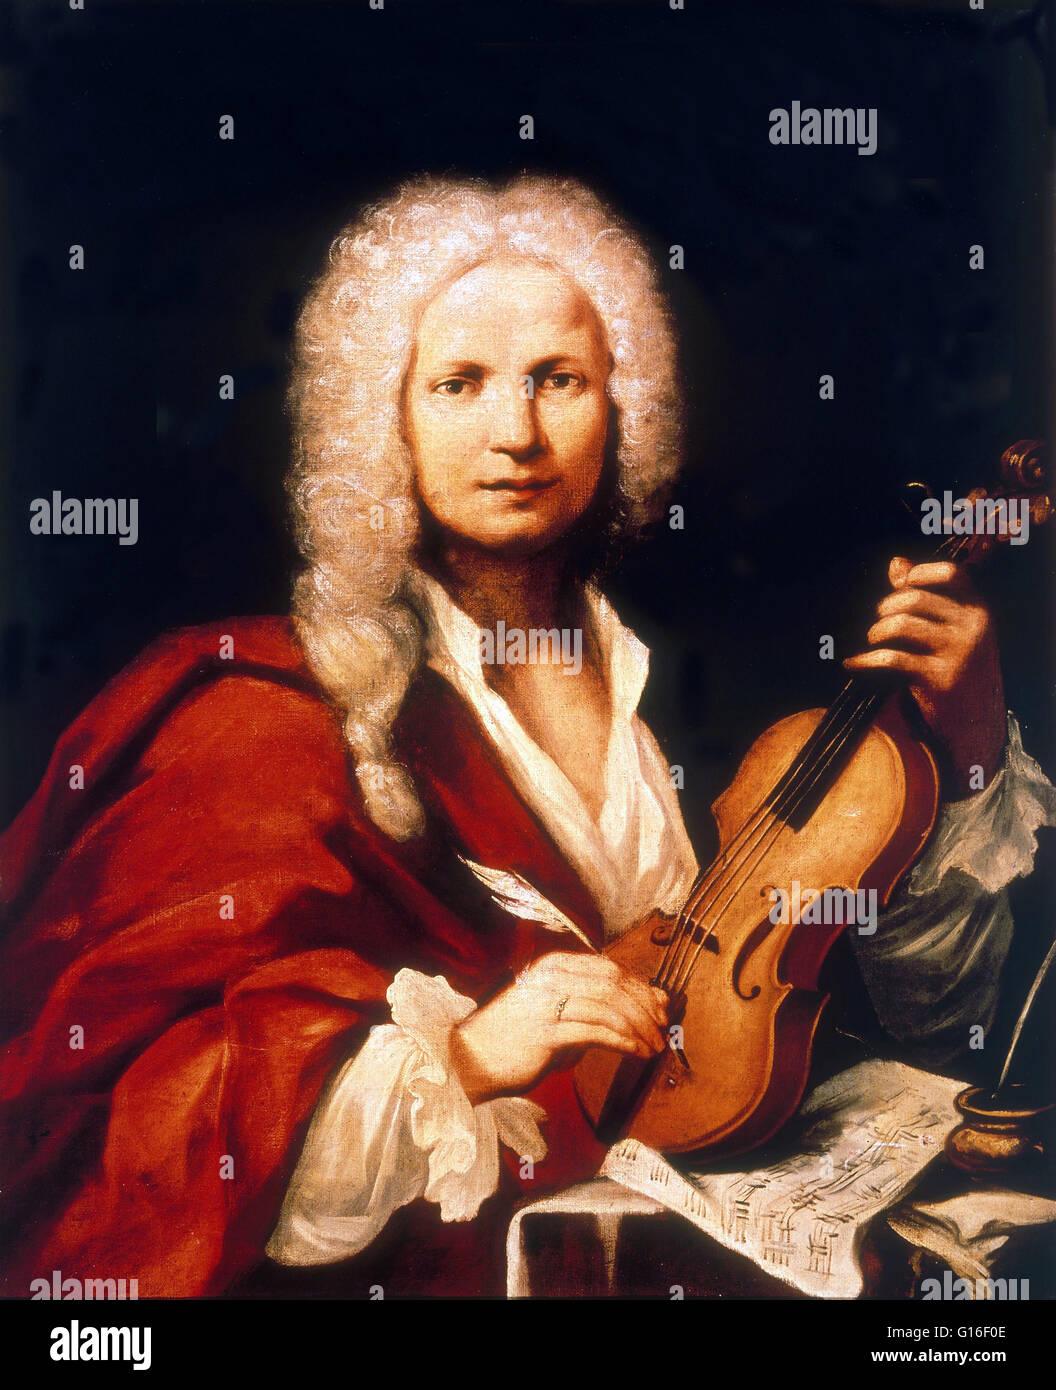 Antonio Lucio Vivaldi ( March 4, 1678 - July 28, 1741) was an Italian Baroque composer, virtuoso violinist, teacher - Stock Image